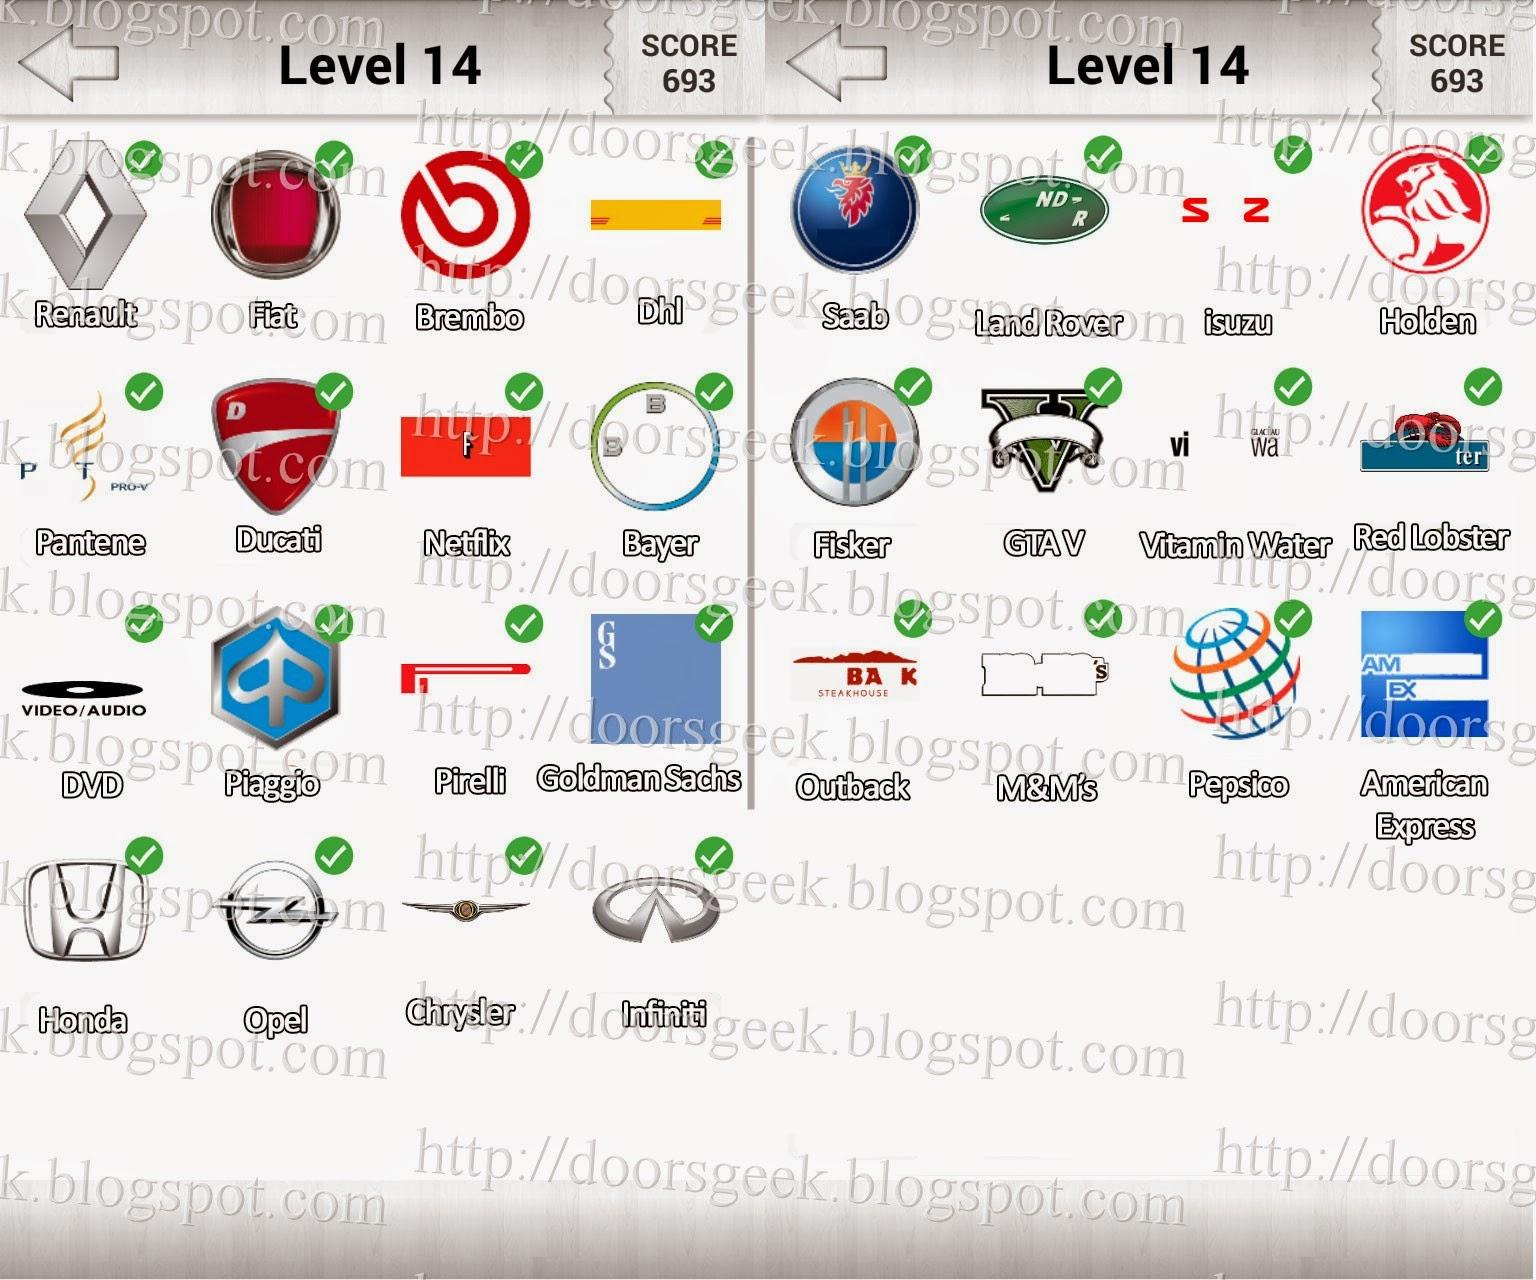 logo quiz deluxe level 14 candy logo doors geek